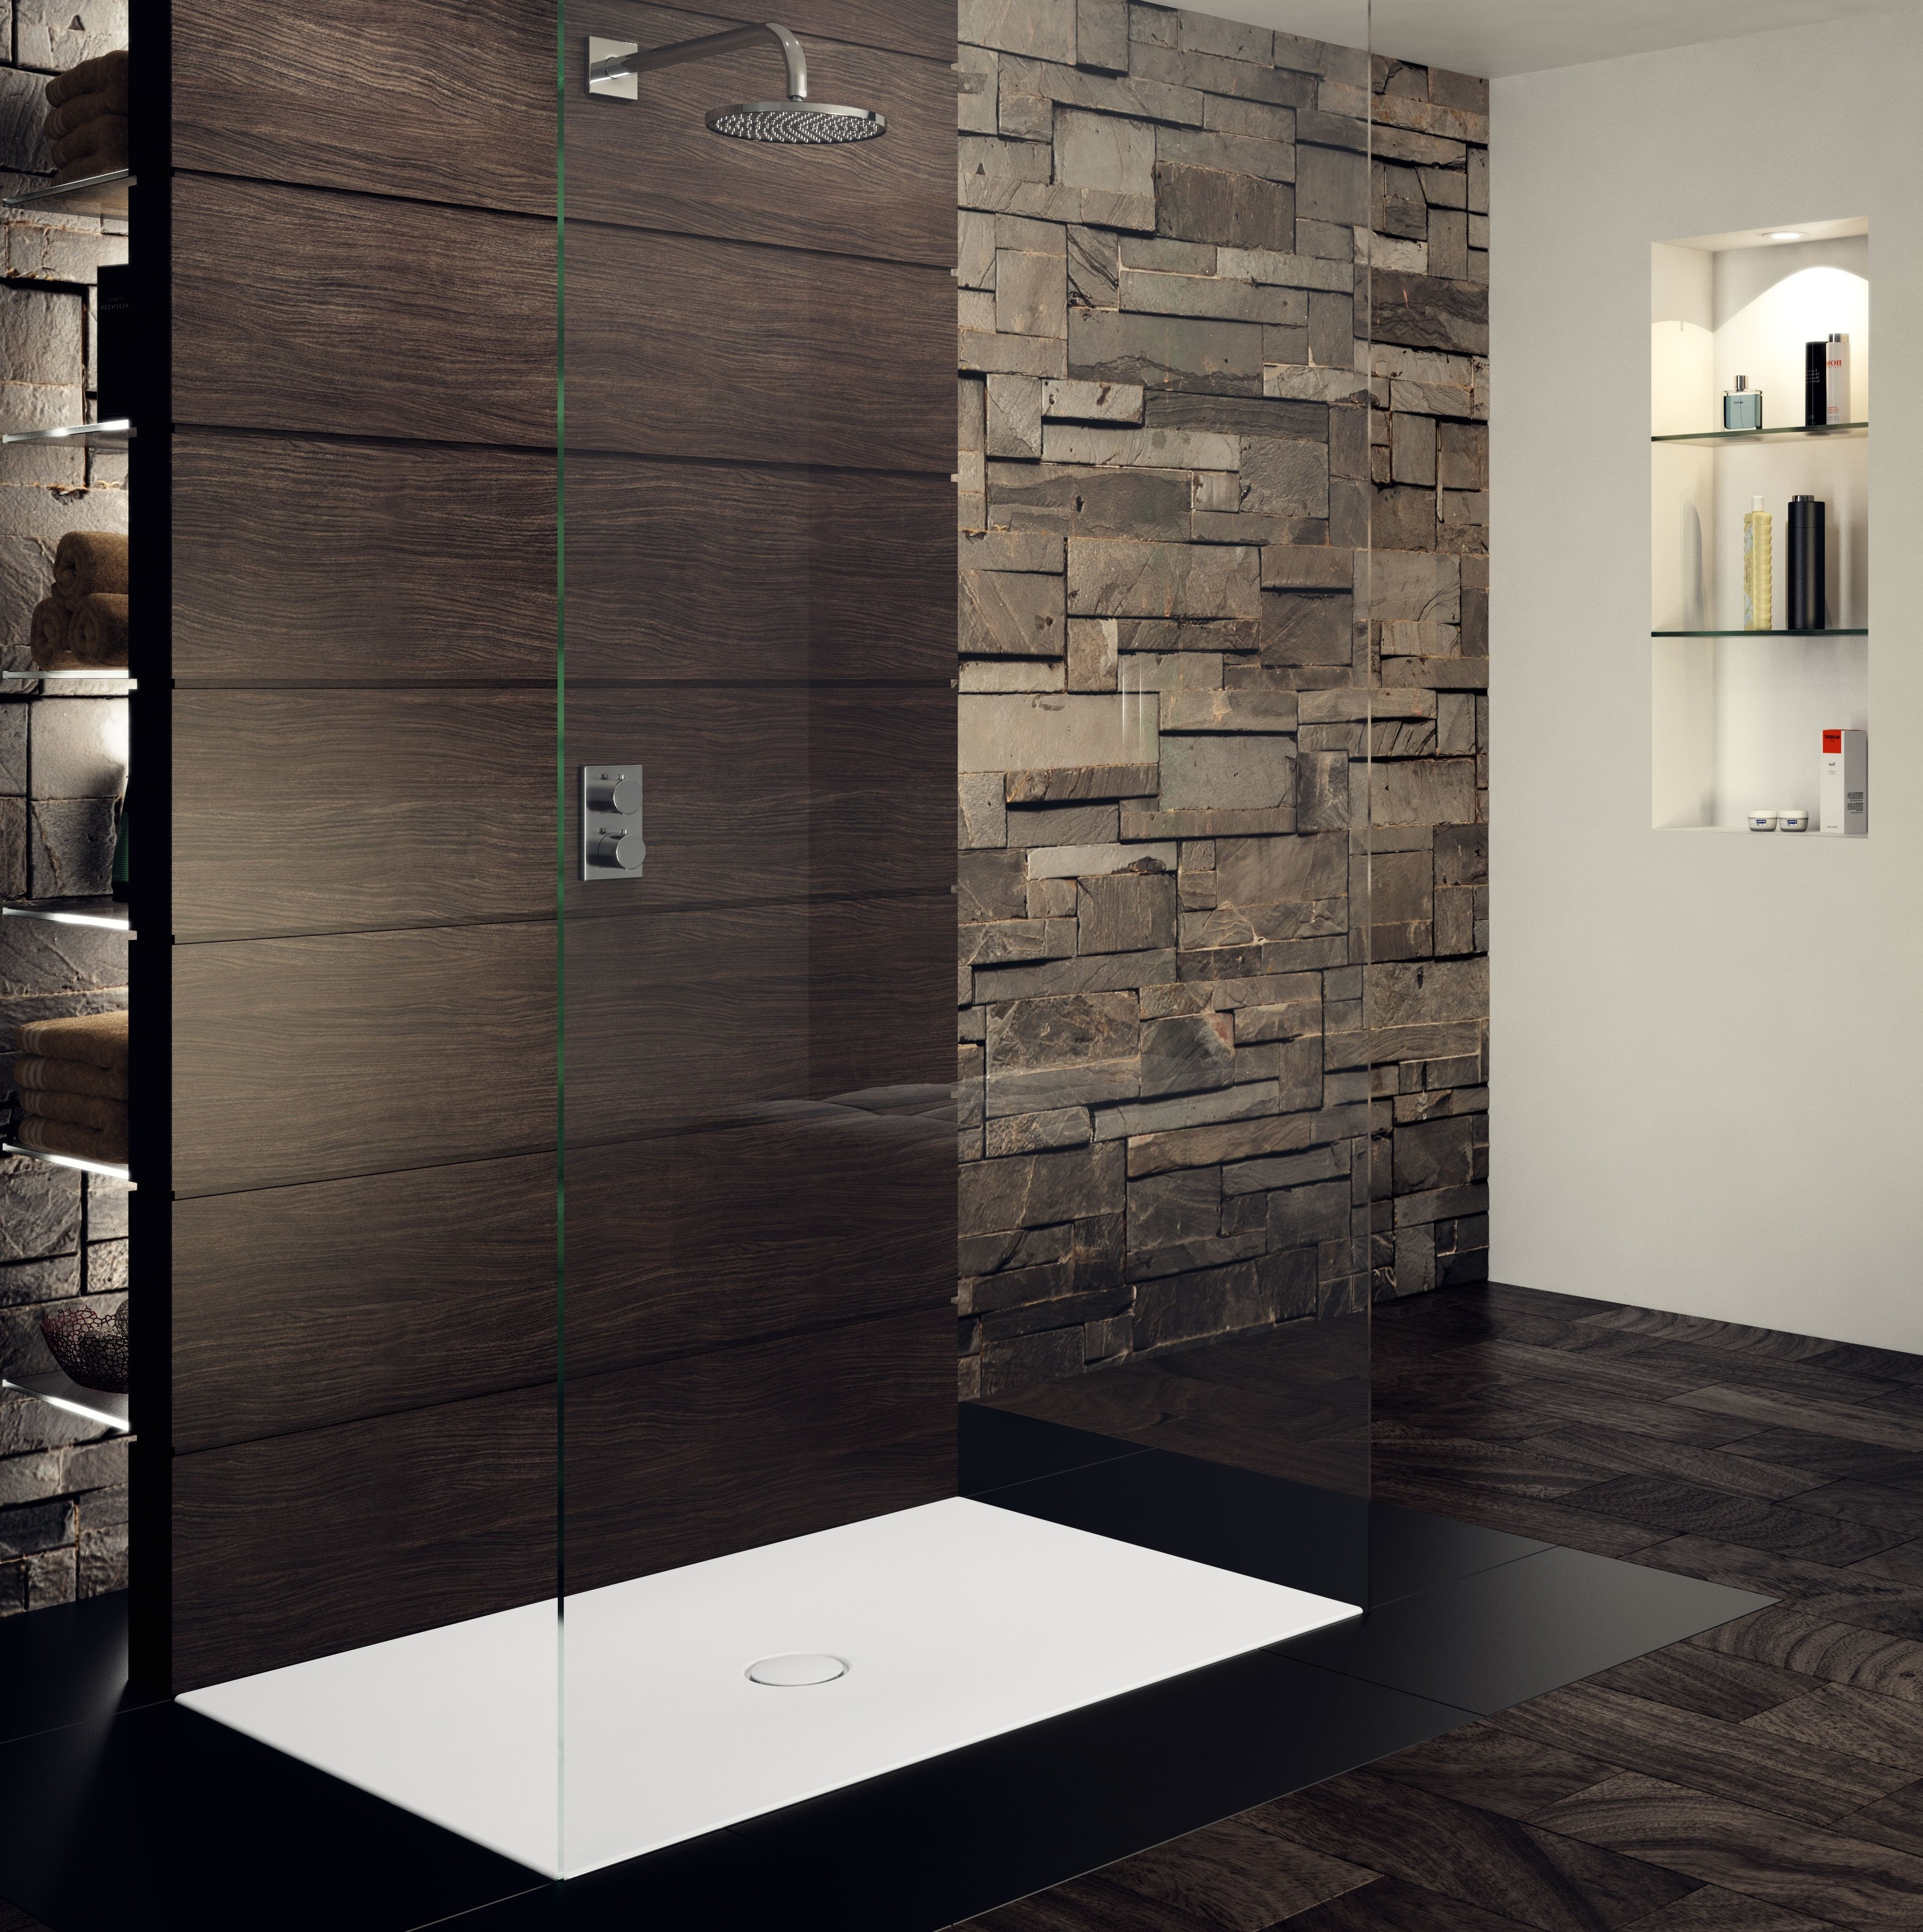 badezimmertrends 2018 die badewanne war gestern hoch lebe die bodengleiche dusche. Black Bedroom Furniture Sets. Home Design Ideas